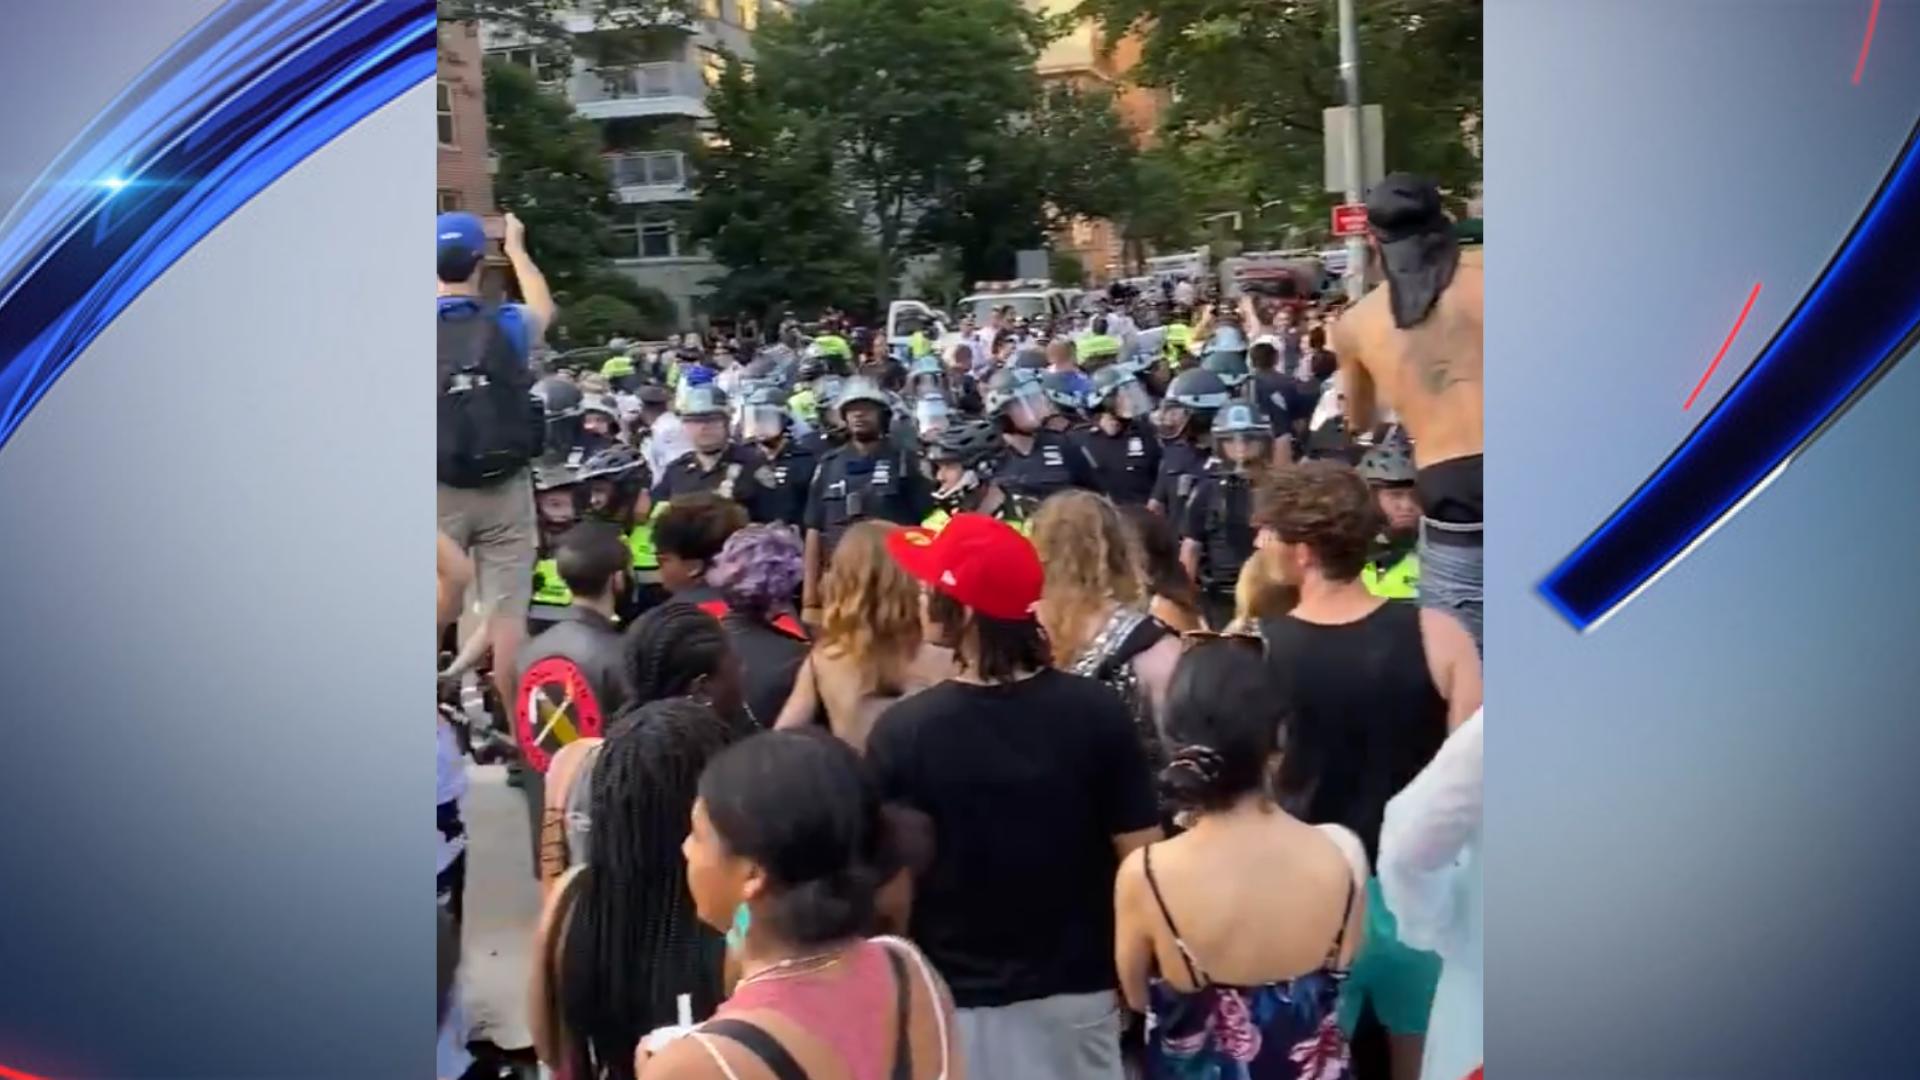 Police presence at Pride celebrations